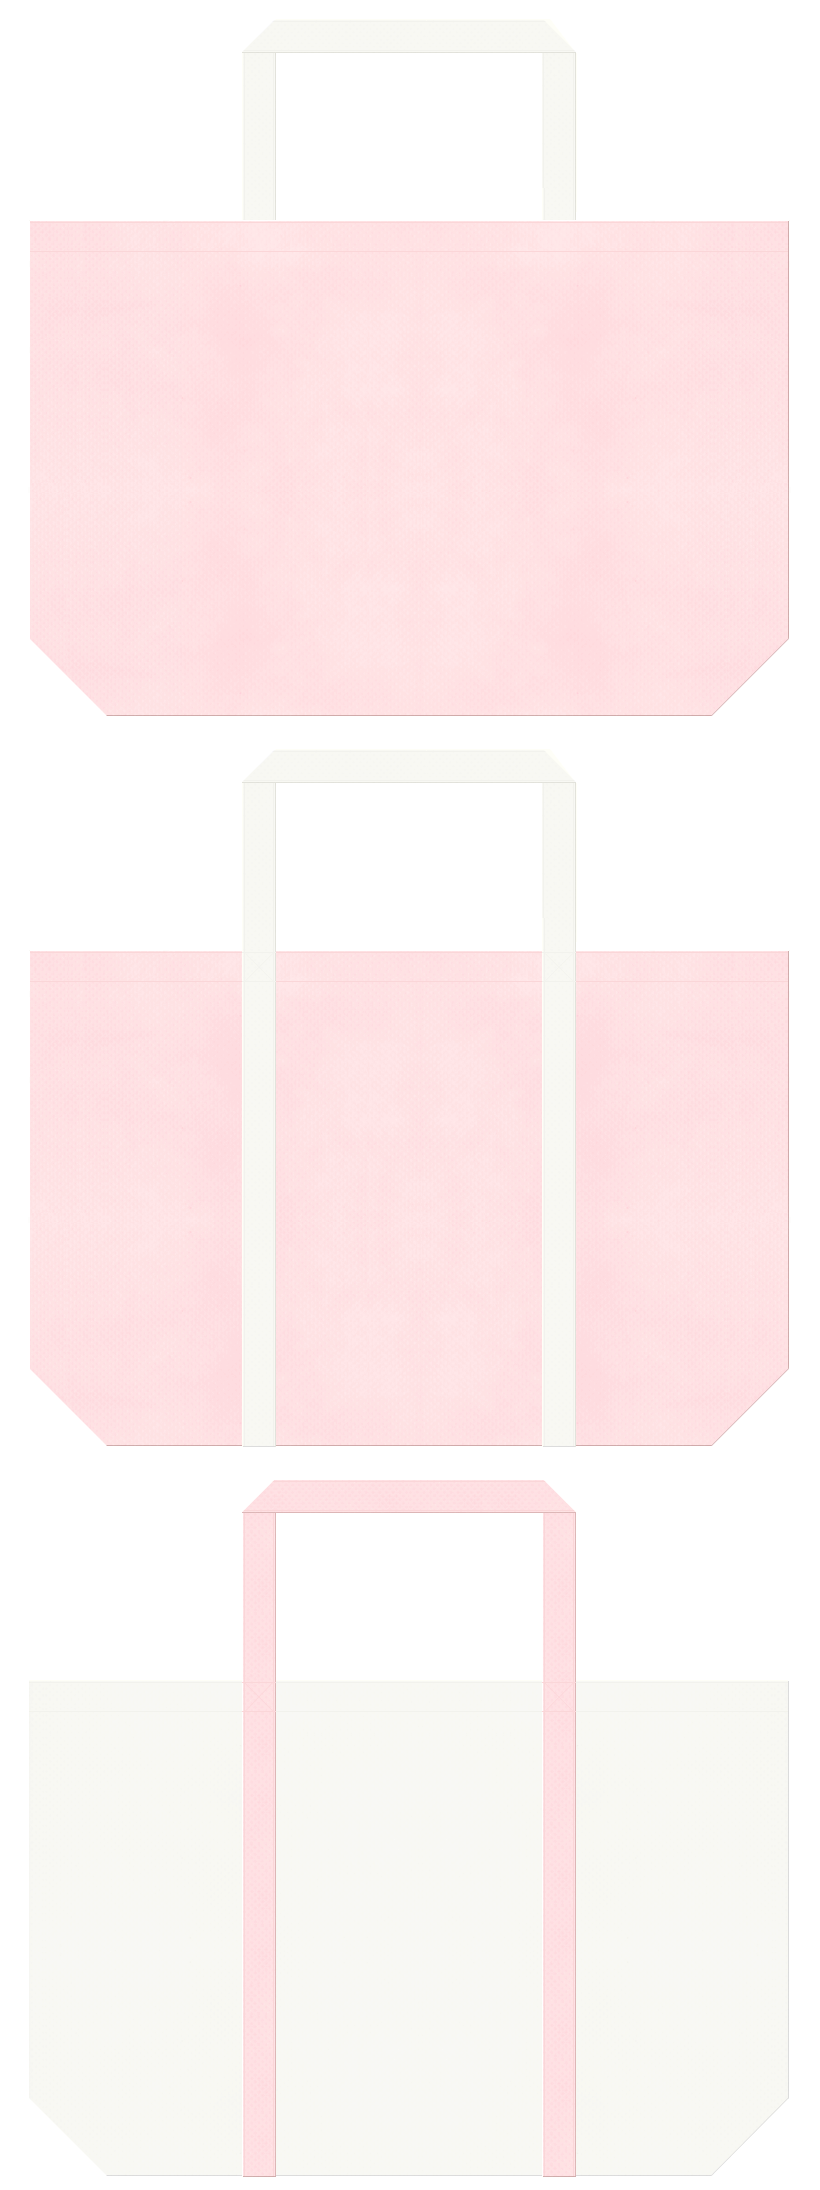 桜色とオフホワイト色の不織布バッグデザイン。医療・介護ユニフォームのショッピングバッグにお奨めです。